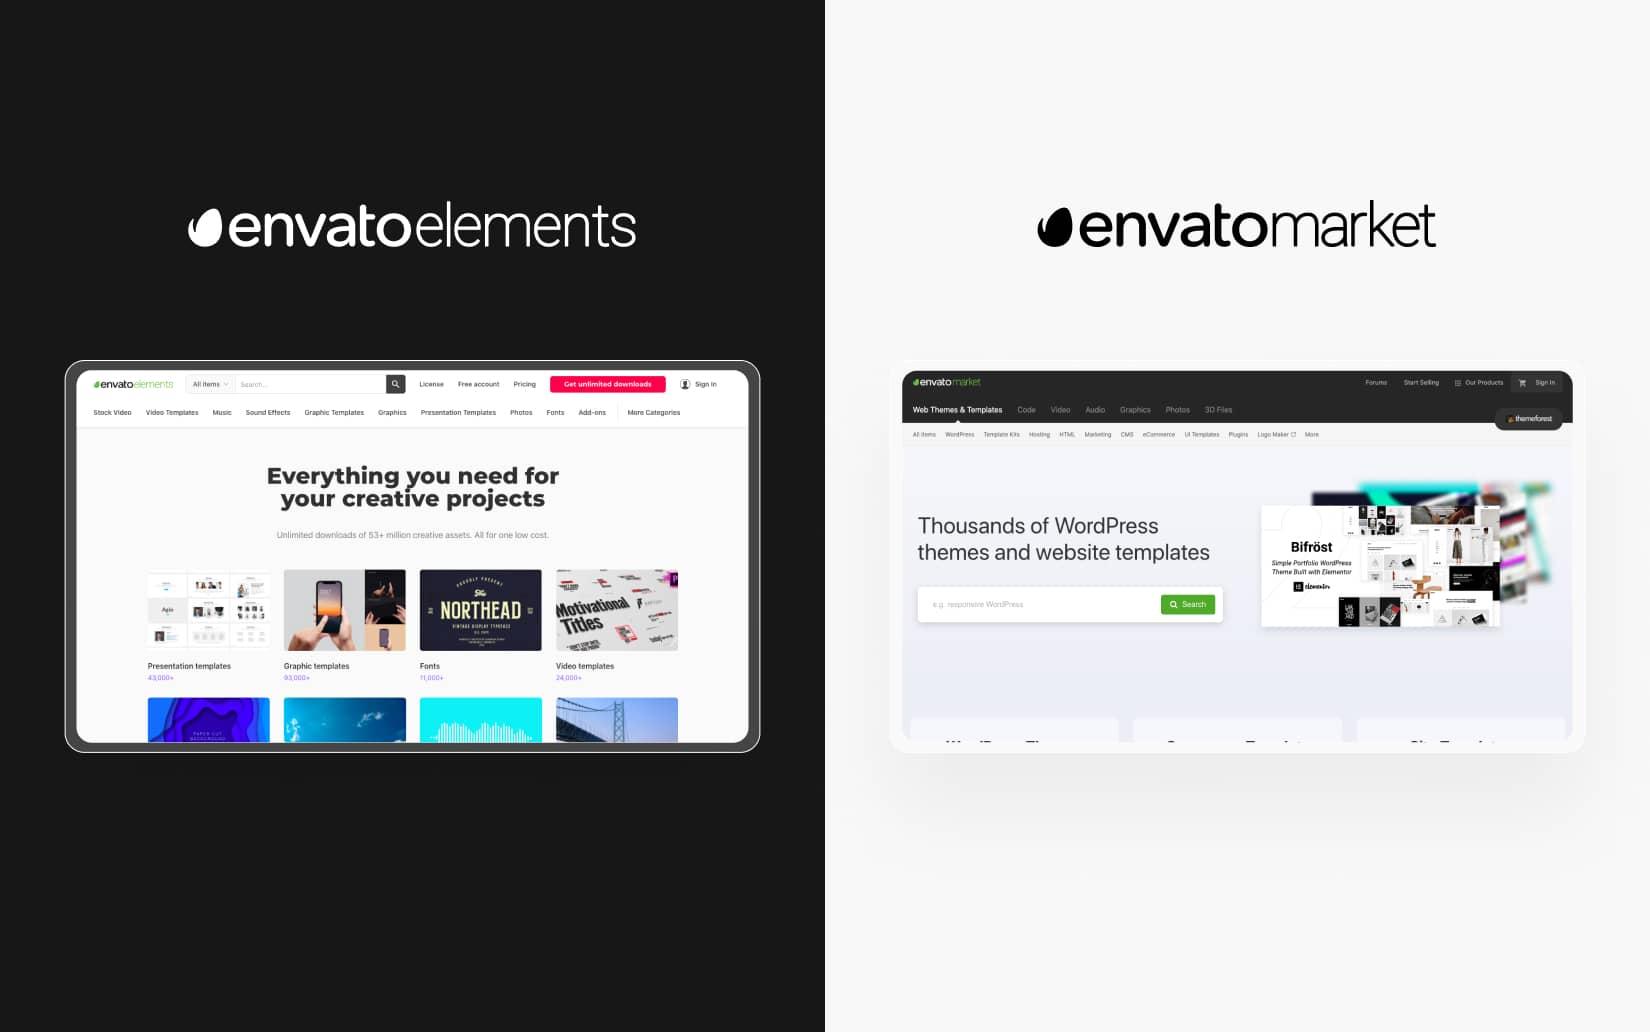 Envato Elements vs Envato Market - The differences